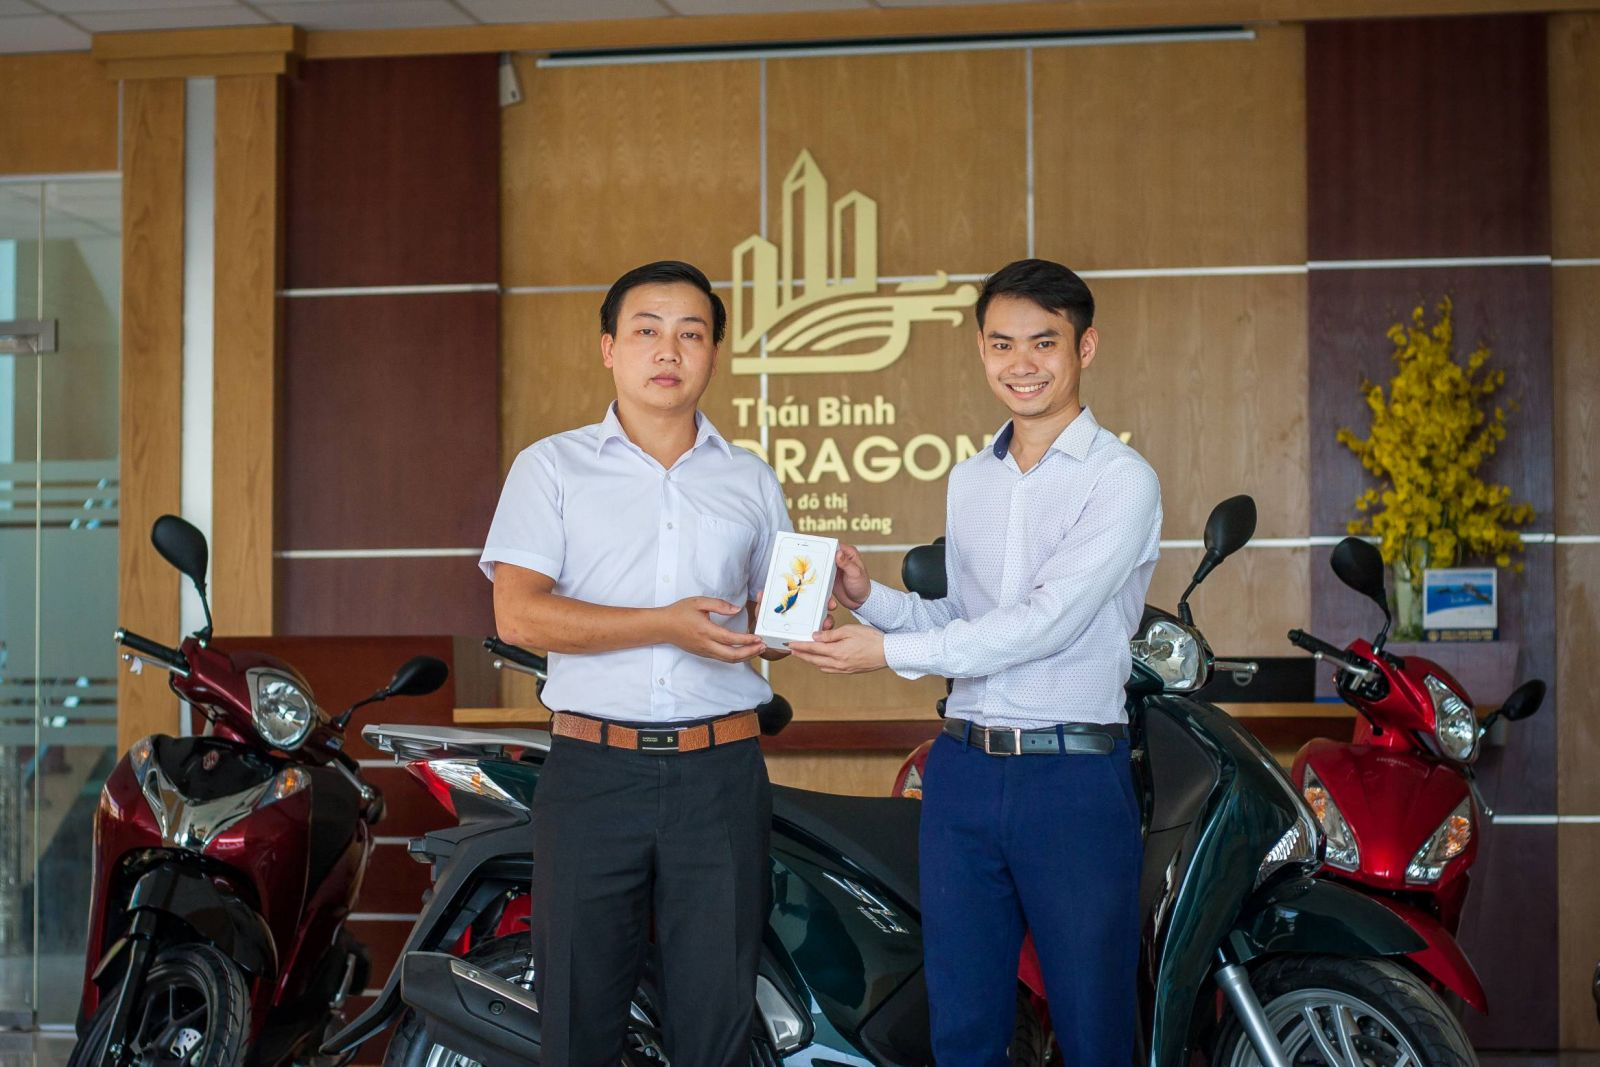 Trao thuong Ky dong Thai Binh Dragon city